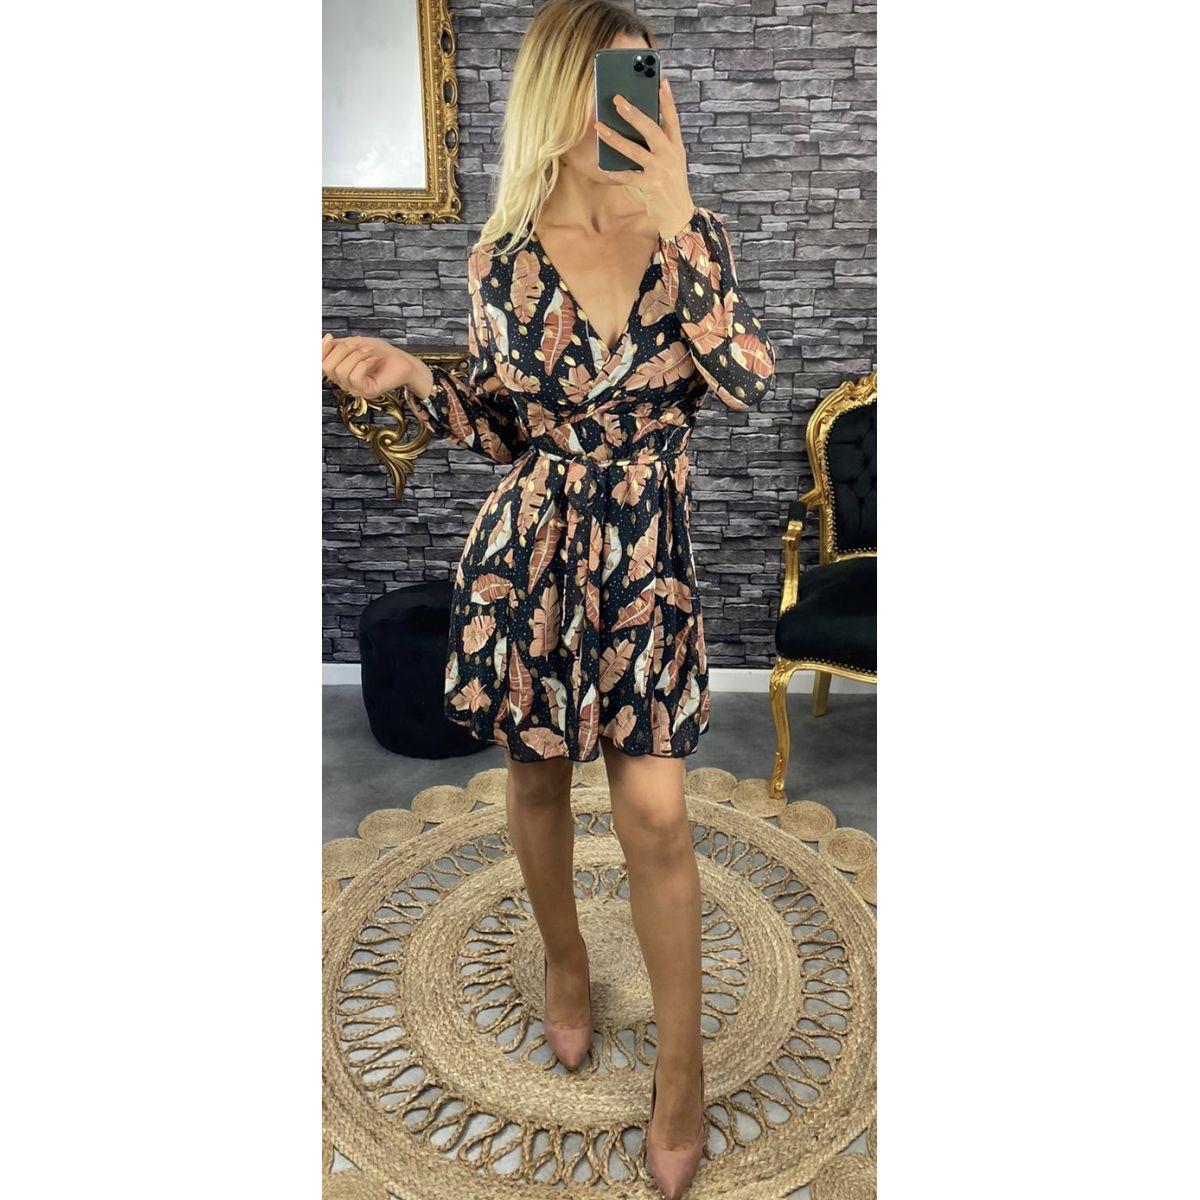 Robe mousseline noire joli imprimé feuille et gold